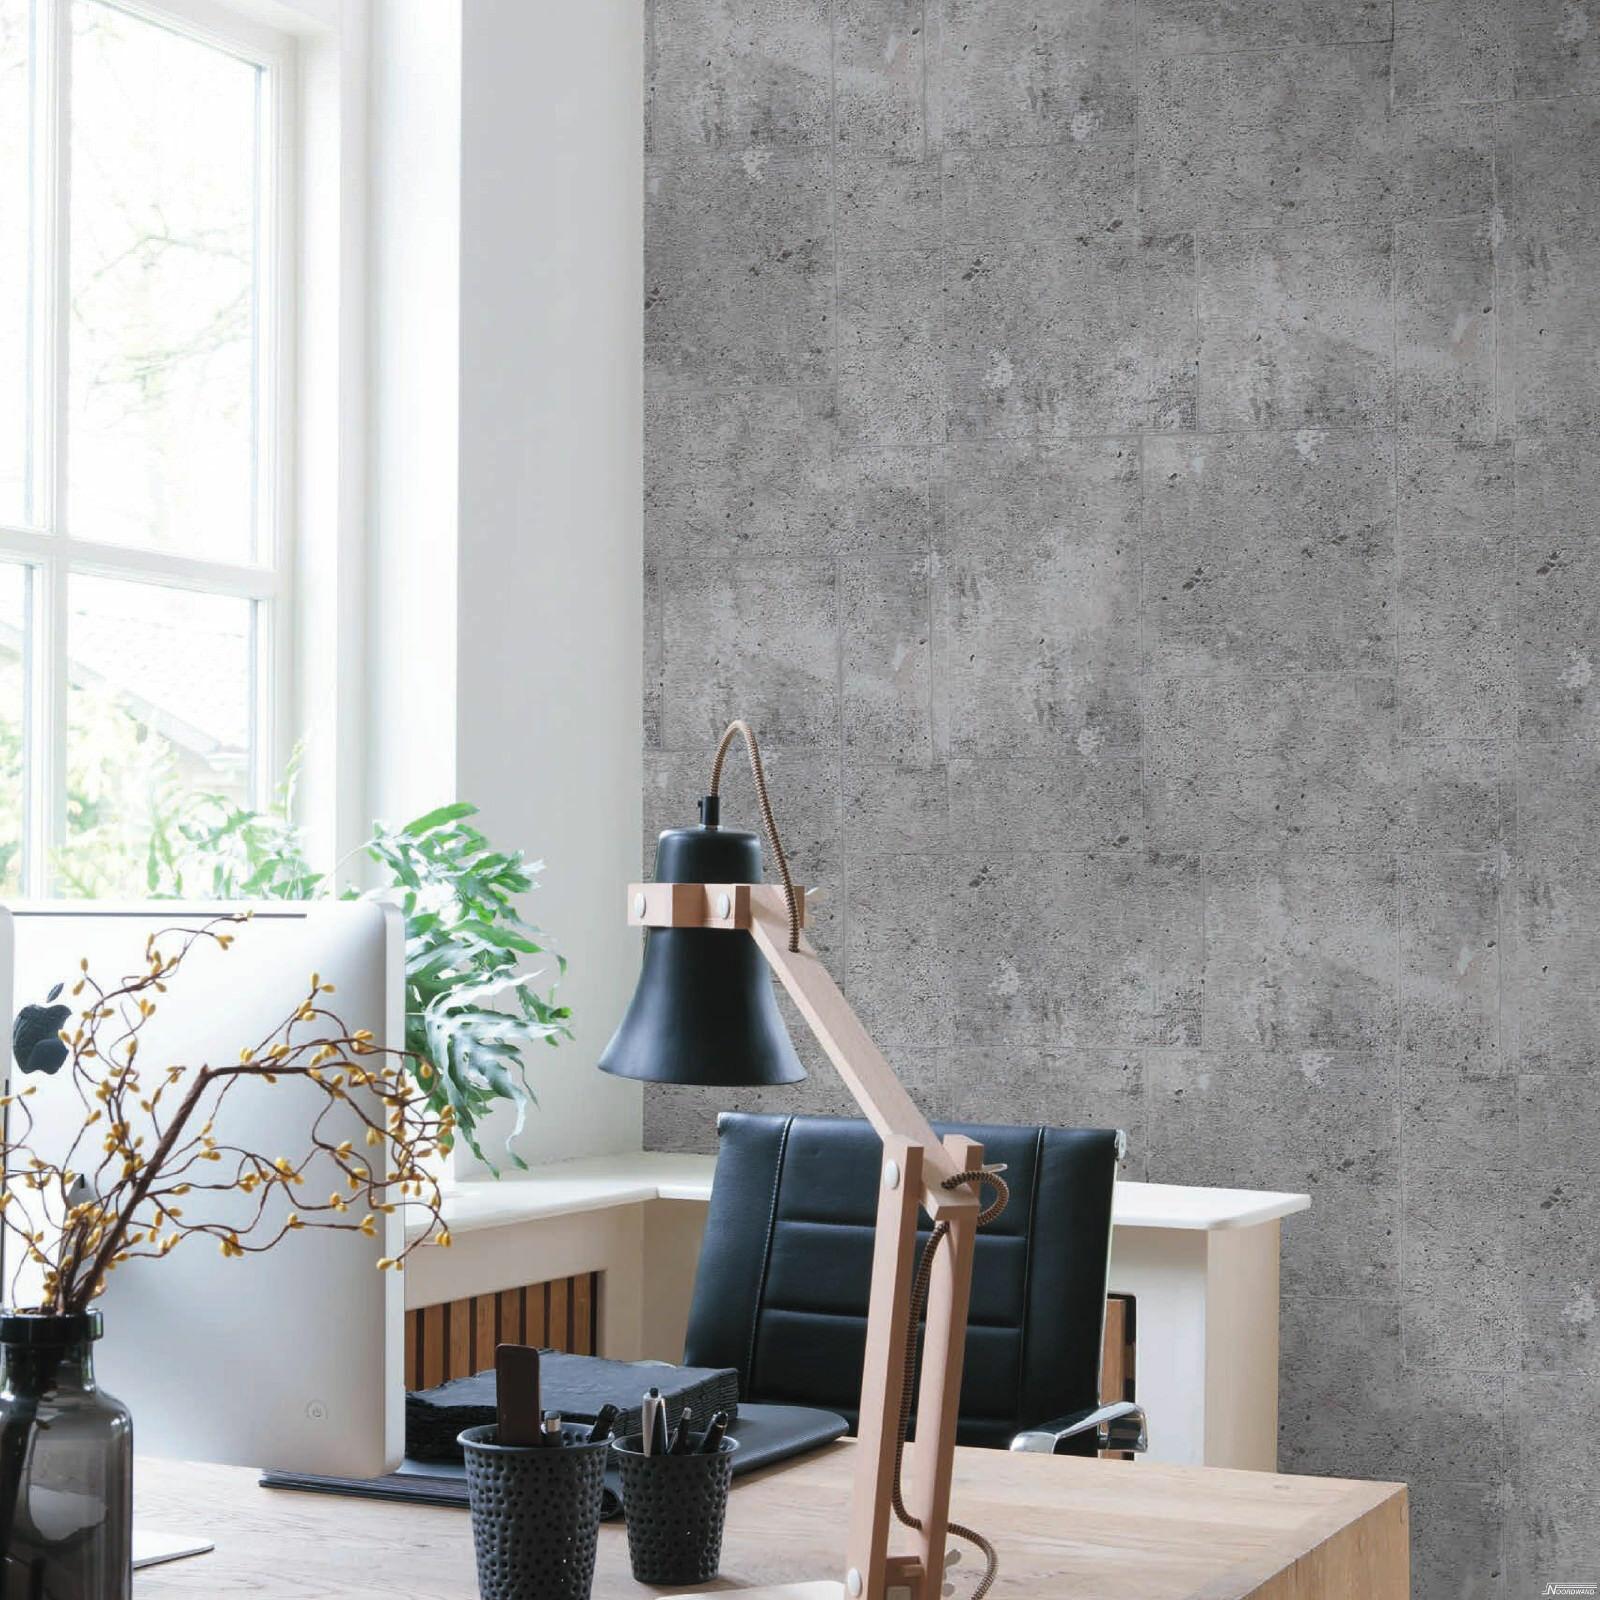 vliestapete beton optik hell grau / grau betontapete industrial loft